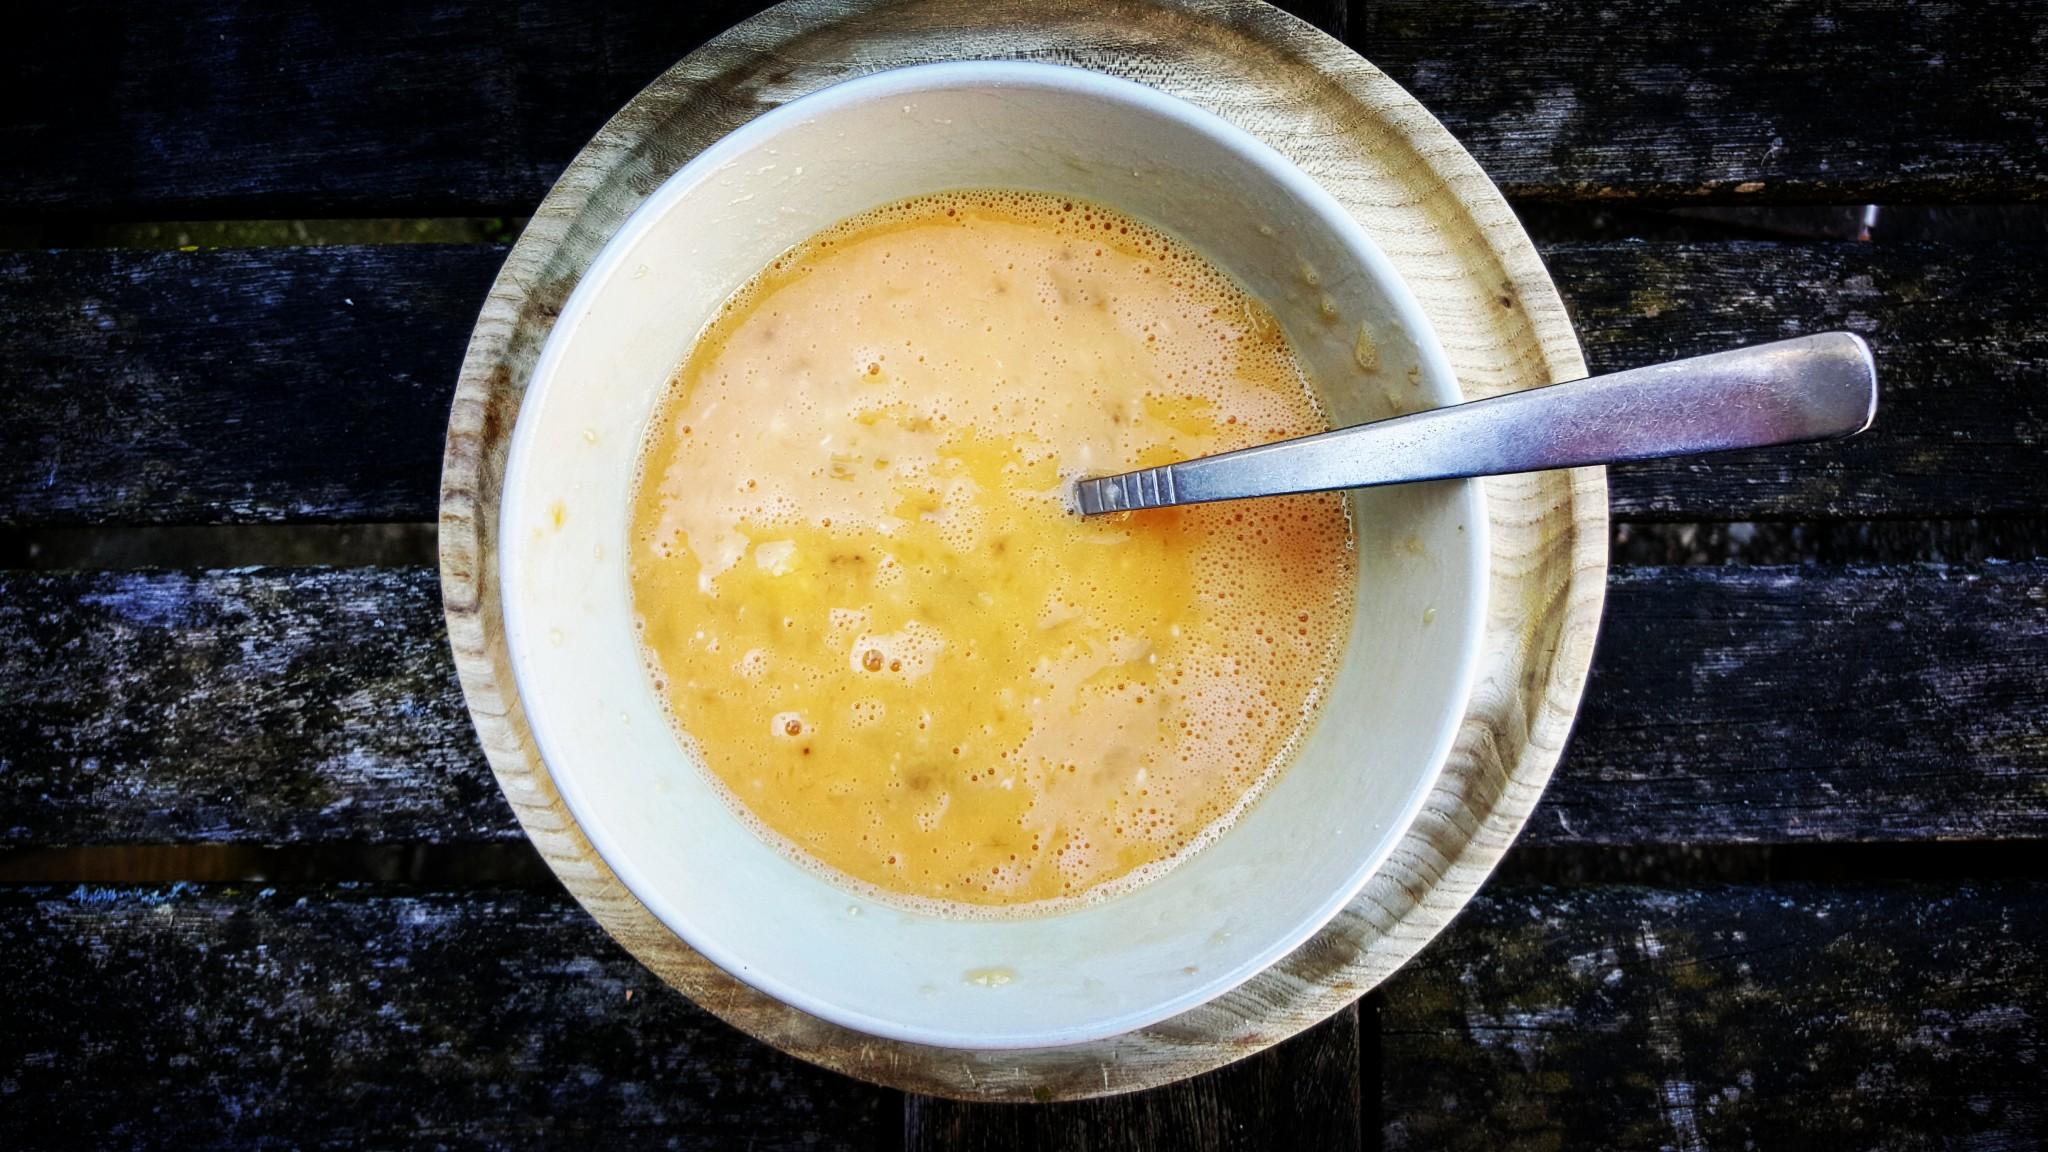 bananenpannenkoek recept stap 2 meng twee eieren met de geprakte banaan